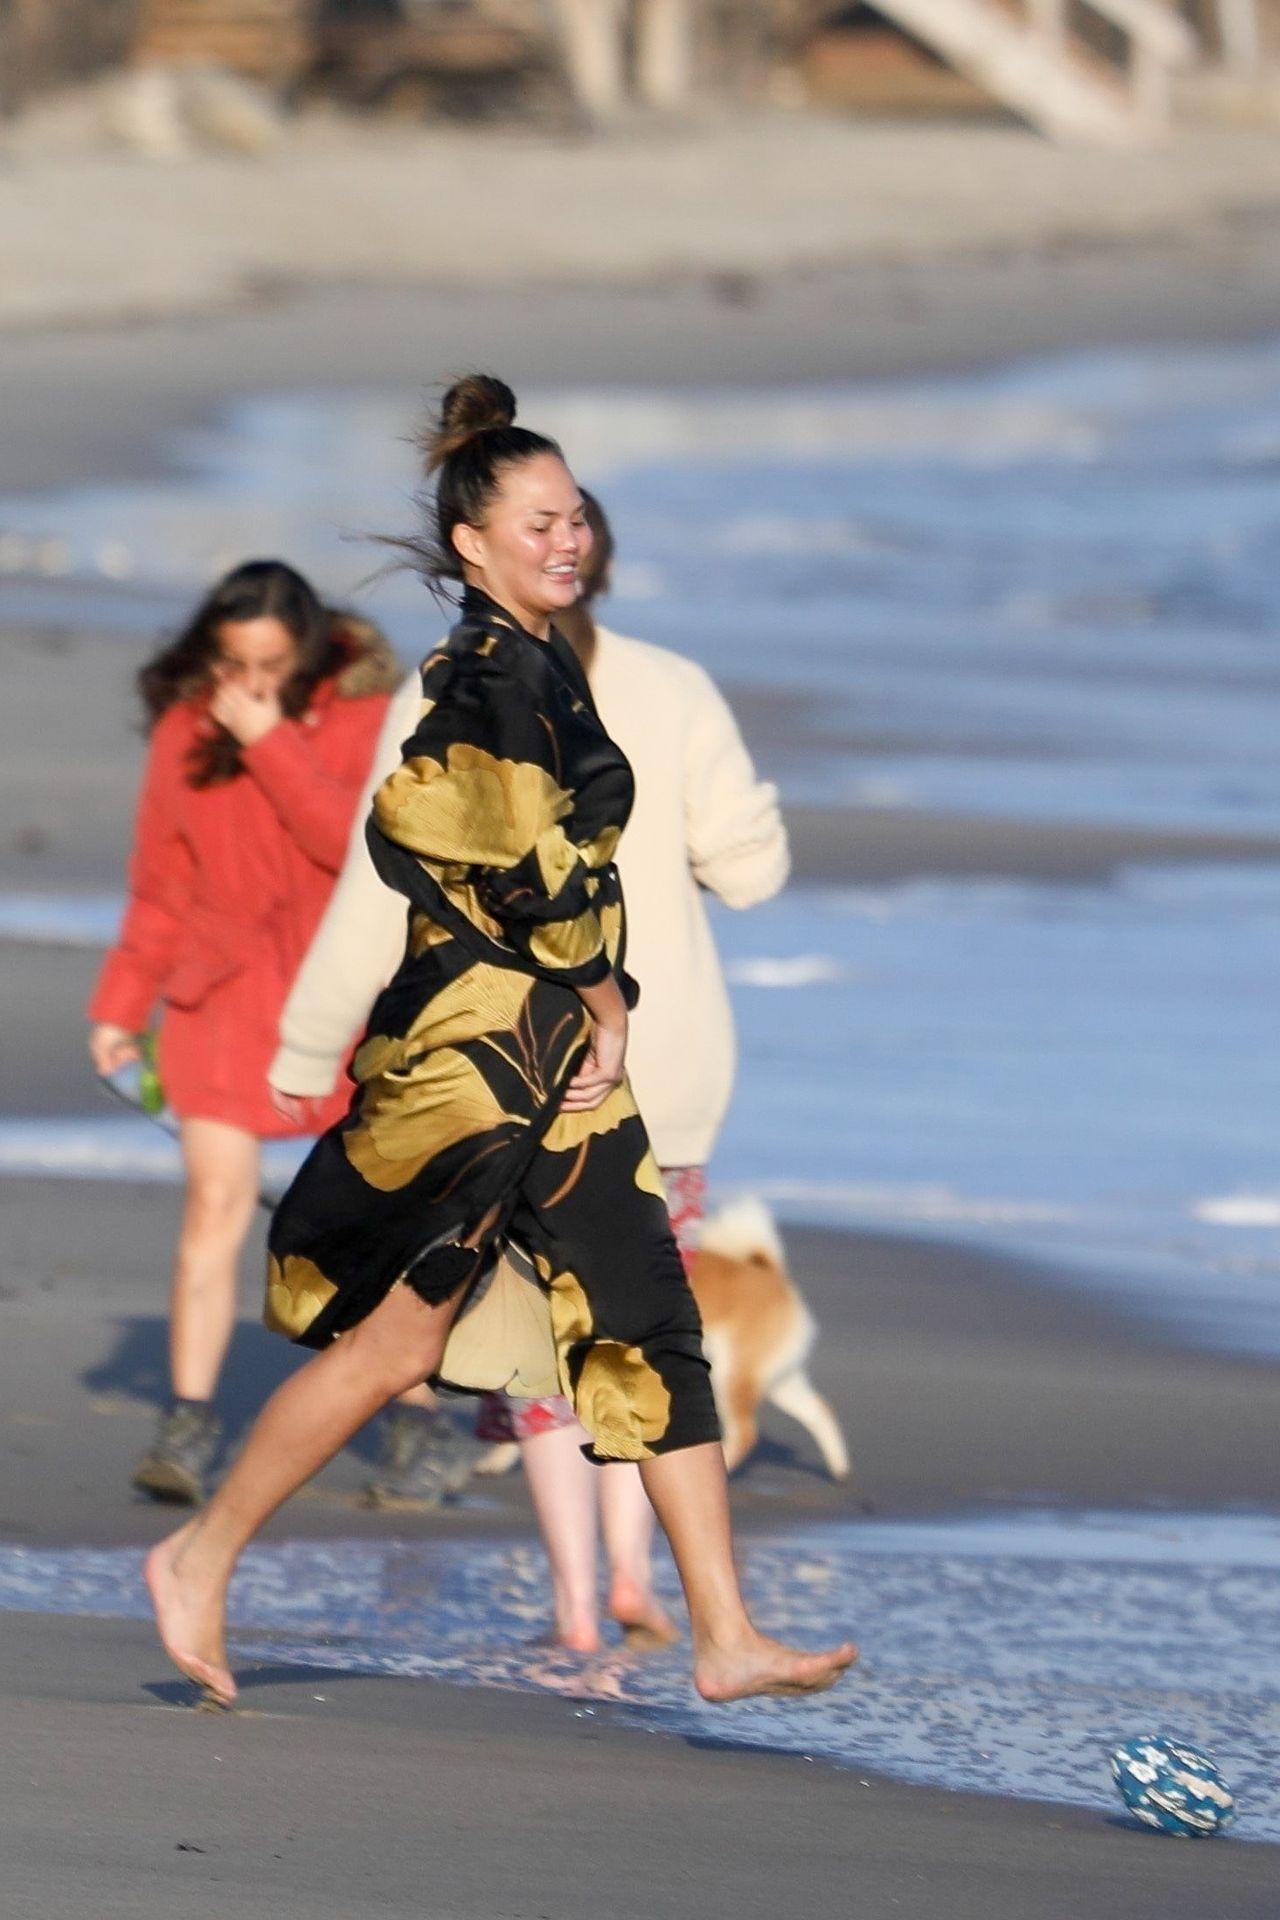 Chrissy Teigen Enjoys A Beach Day In Malibu Amid All Coronavirus Chaos 0037